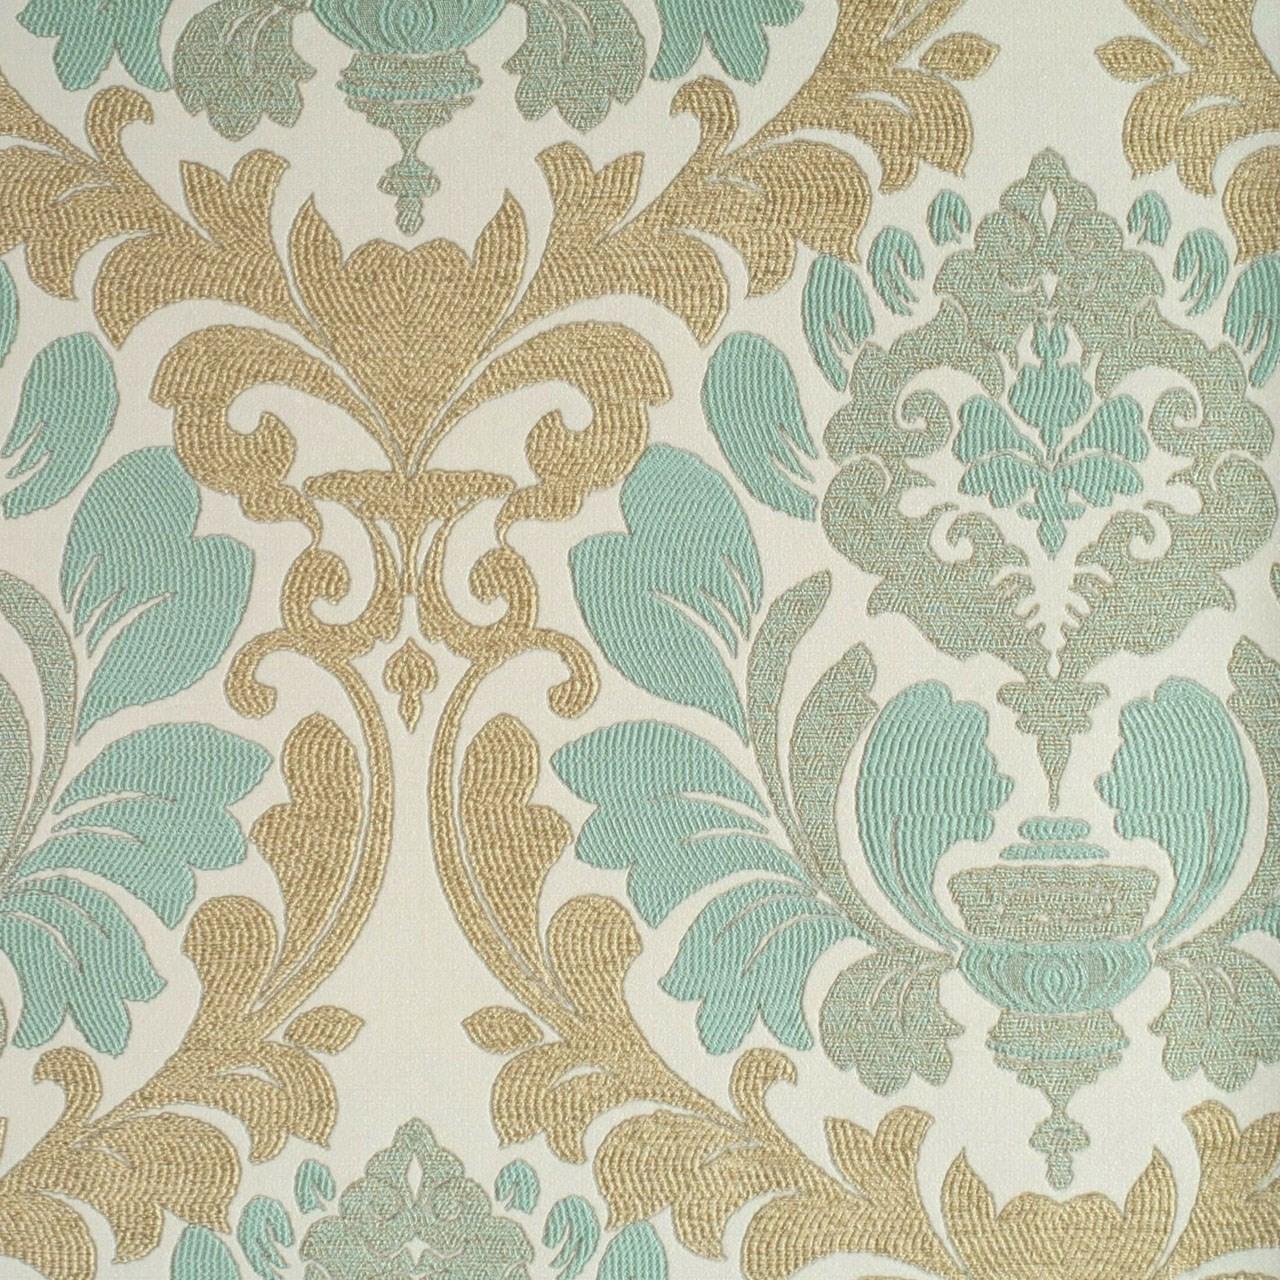 کاغذ دیواری داموس پاراتی میلانو  آلبوم گرین کازا 2 مدل 72916